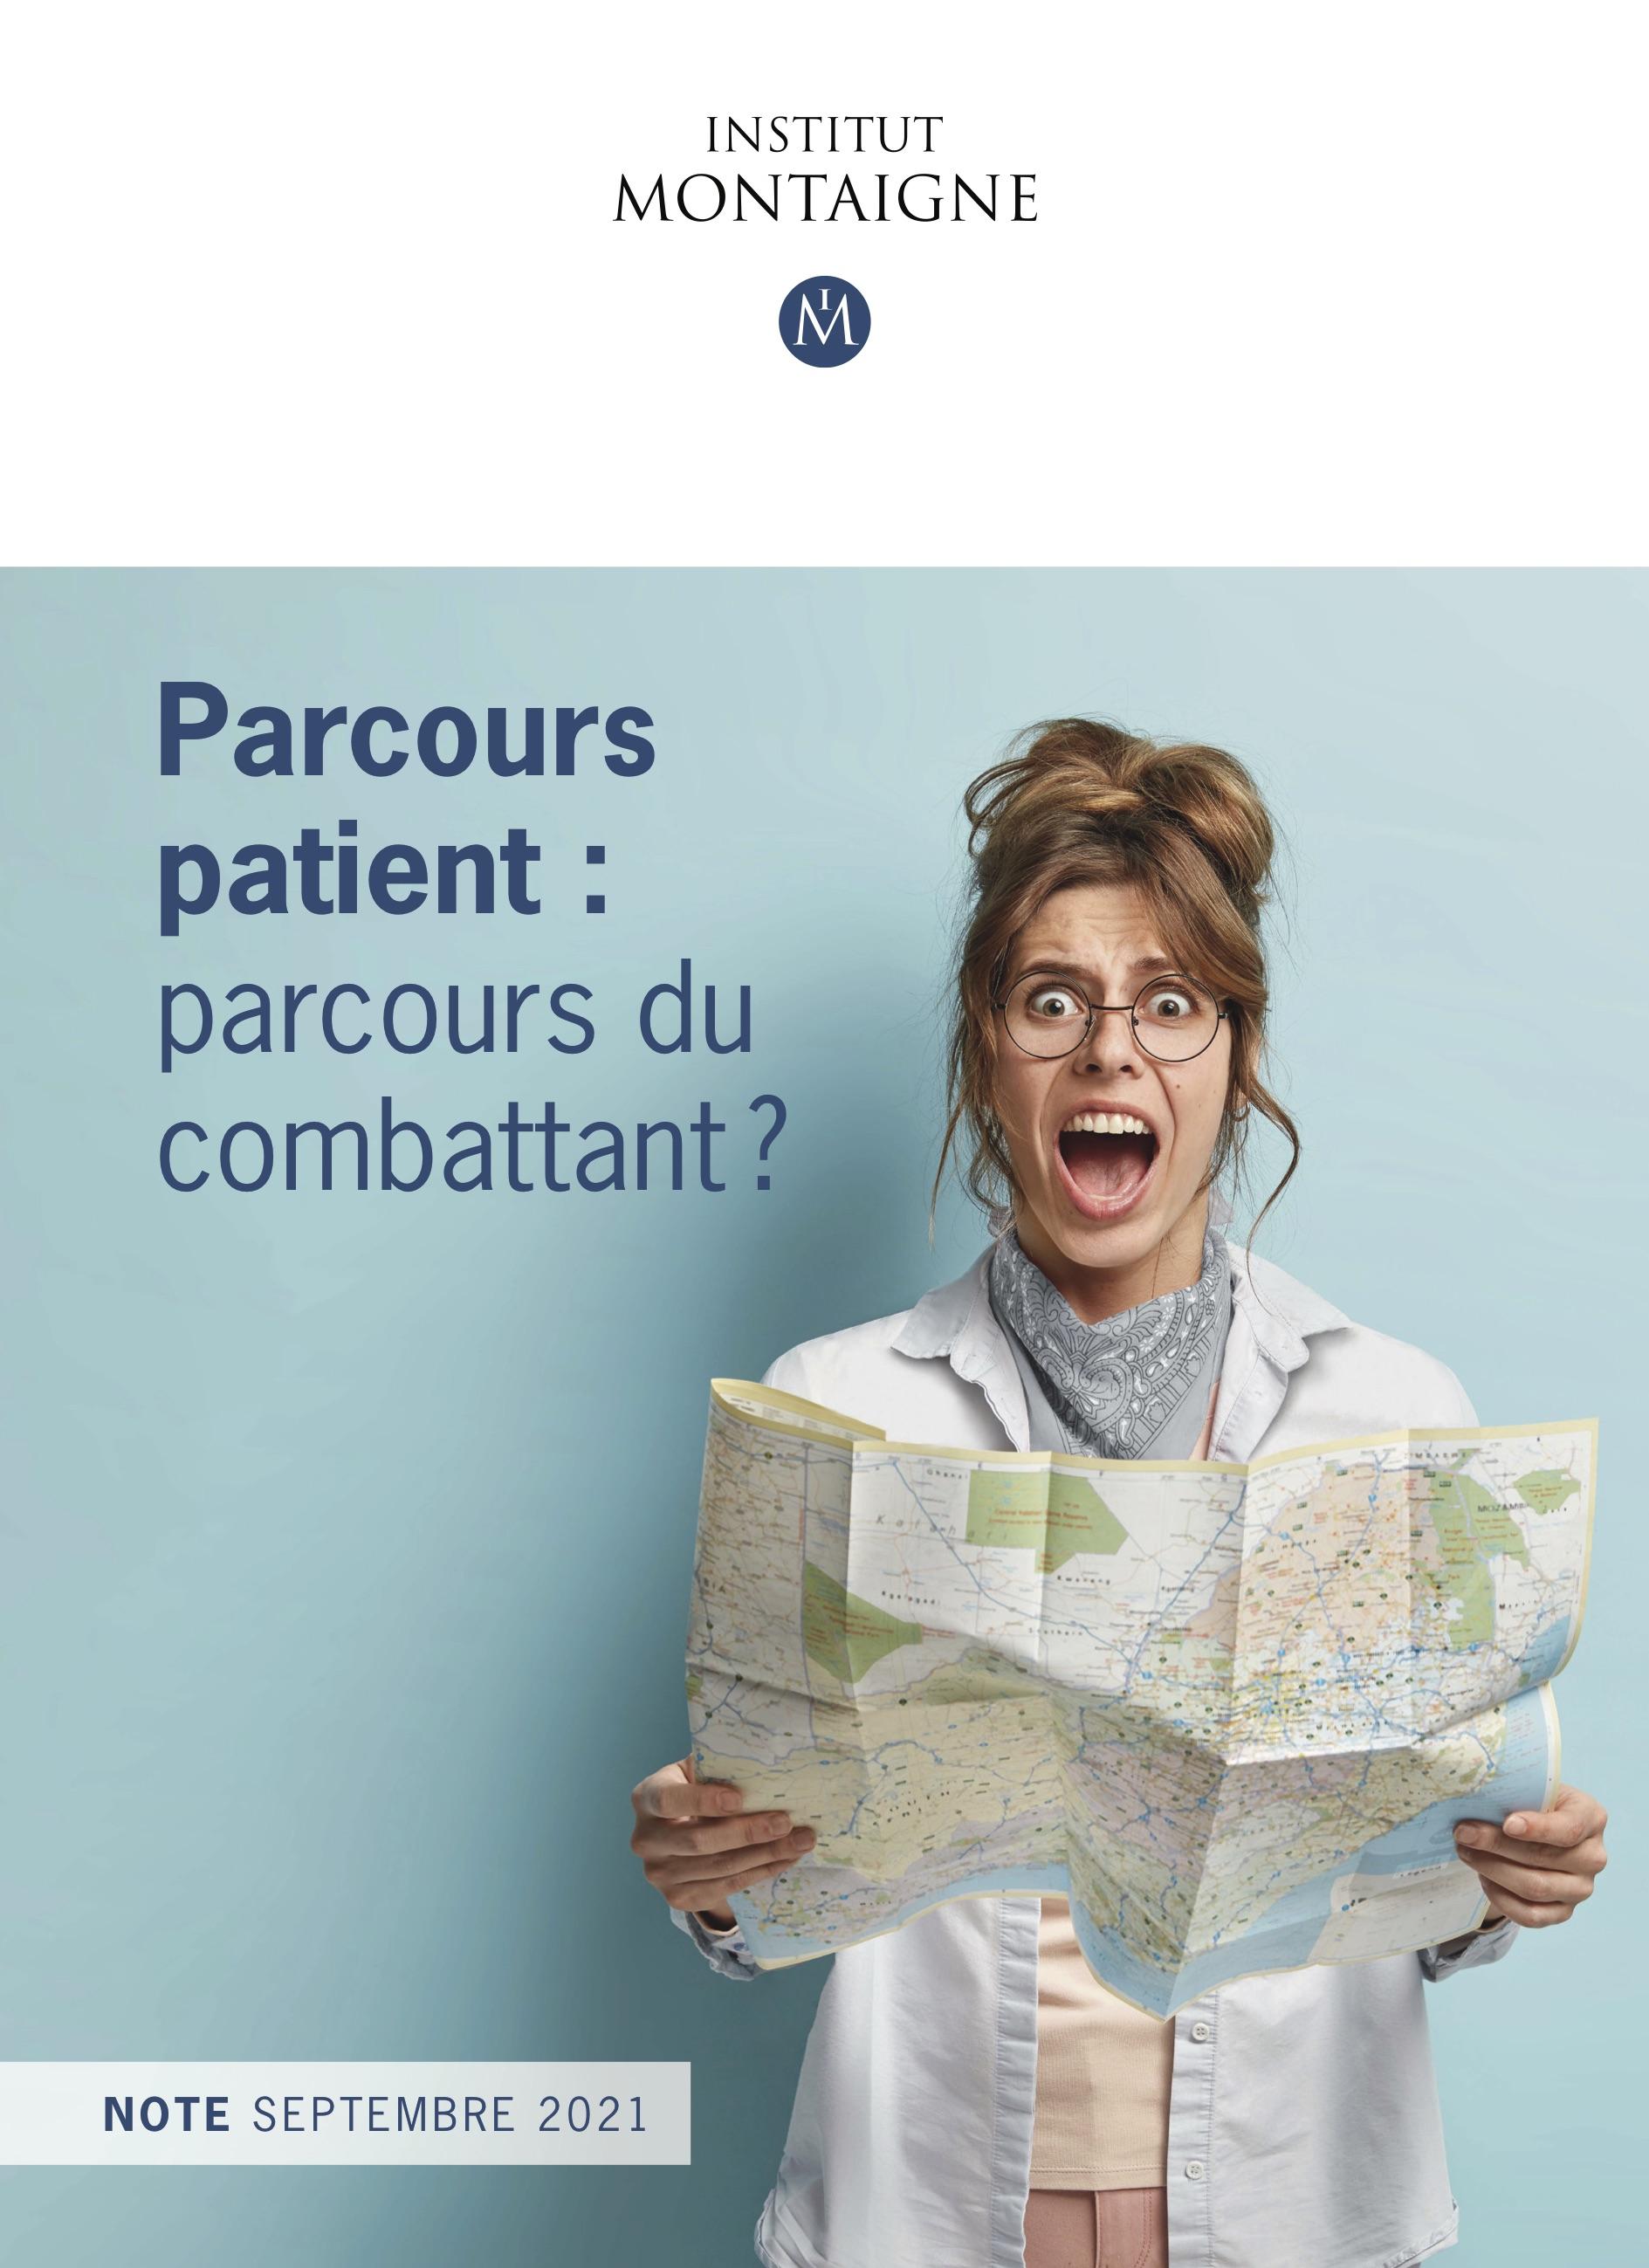 L'Institut Montaigne émet plusieurs propositions pour faciliter le parcours patient